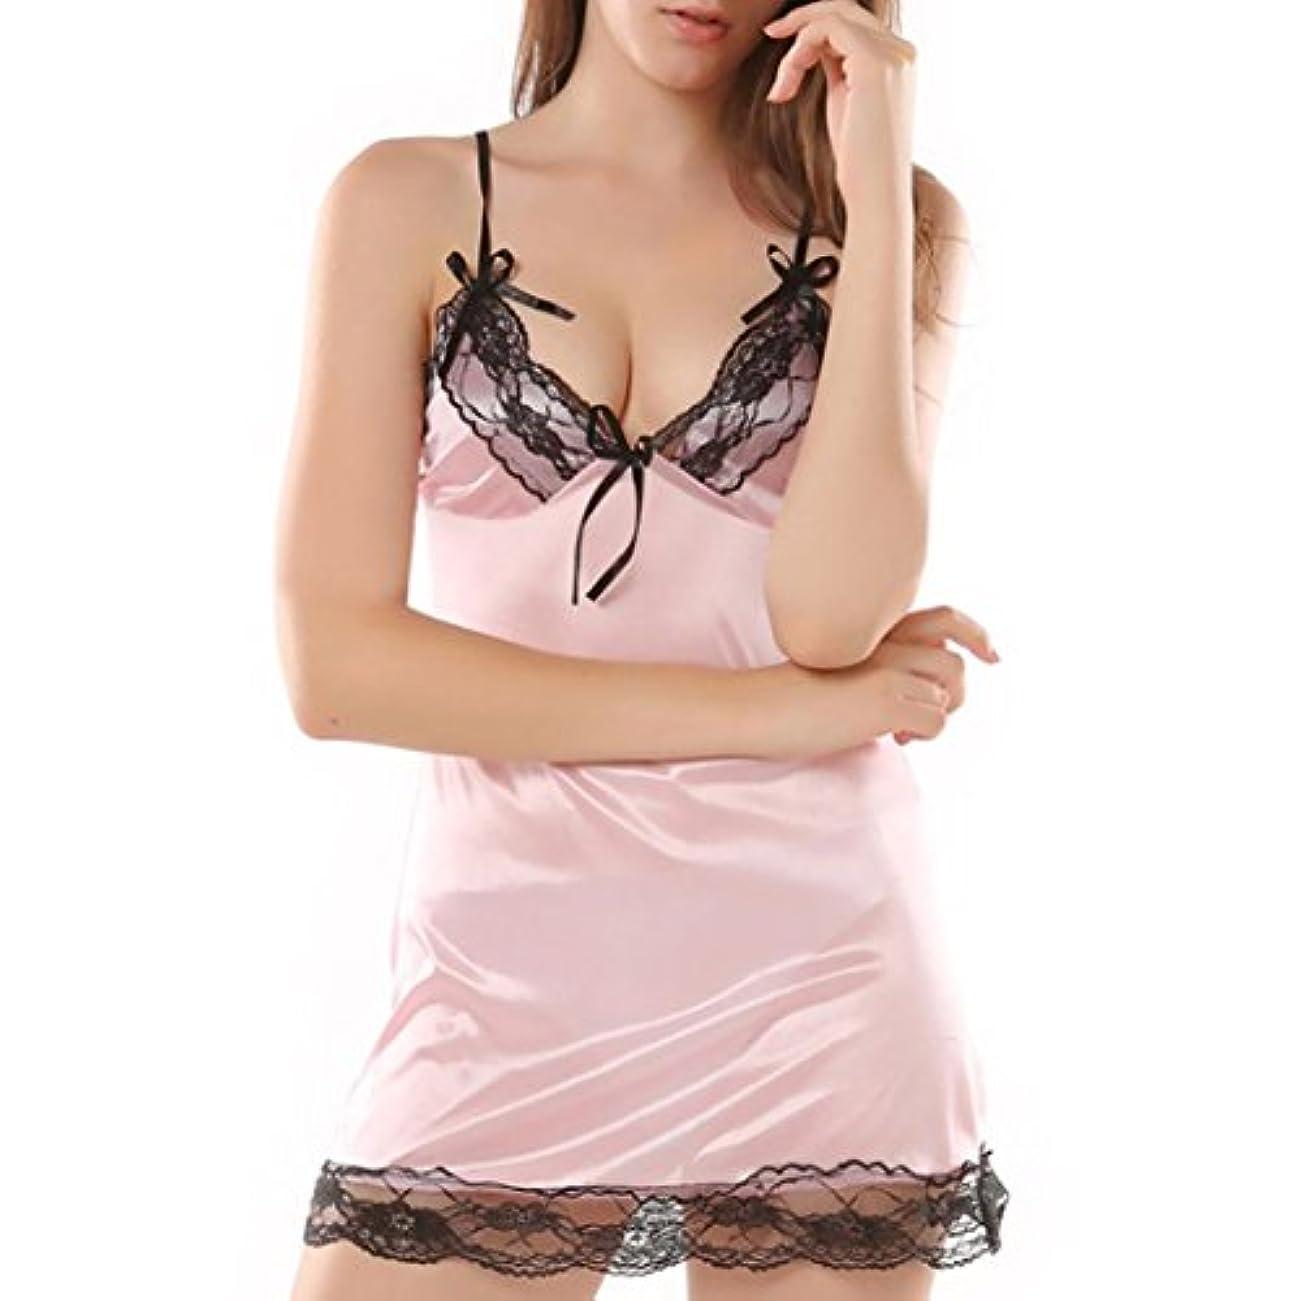 任命変成器腹部Mhomzawa レースの下着ファッションセクシープラスサイズの服は下着の寝巻の誘惑